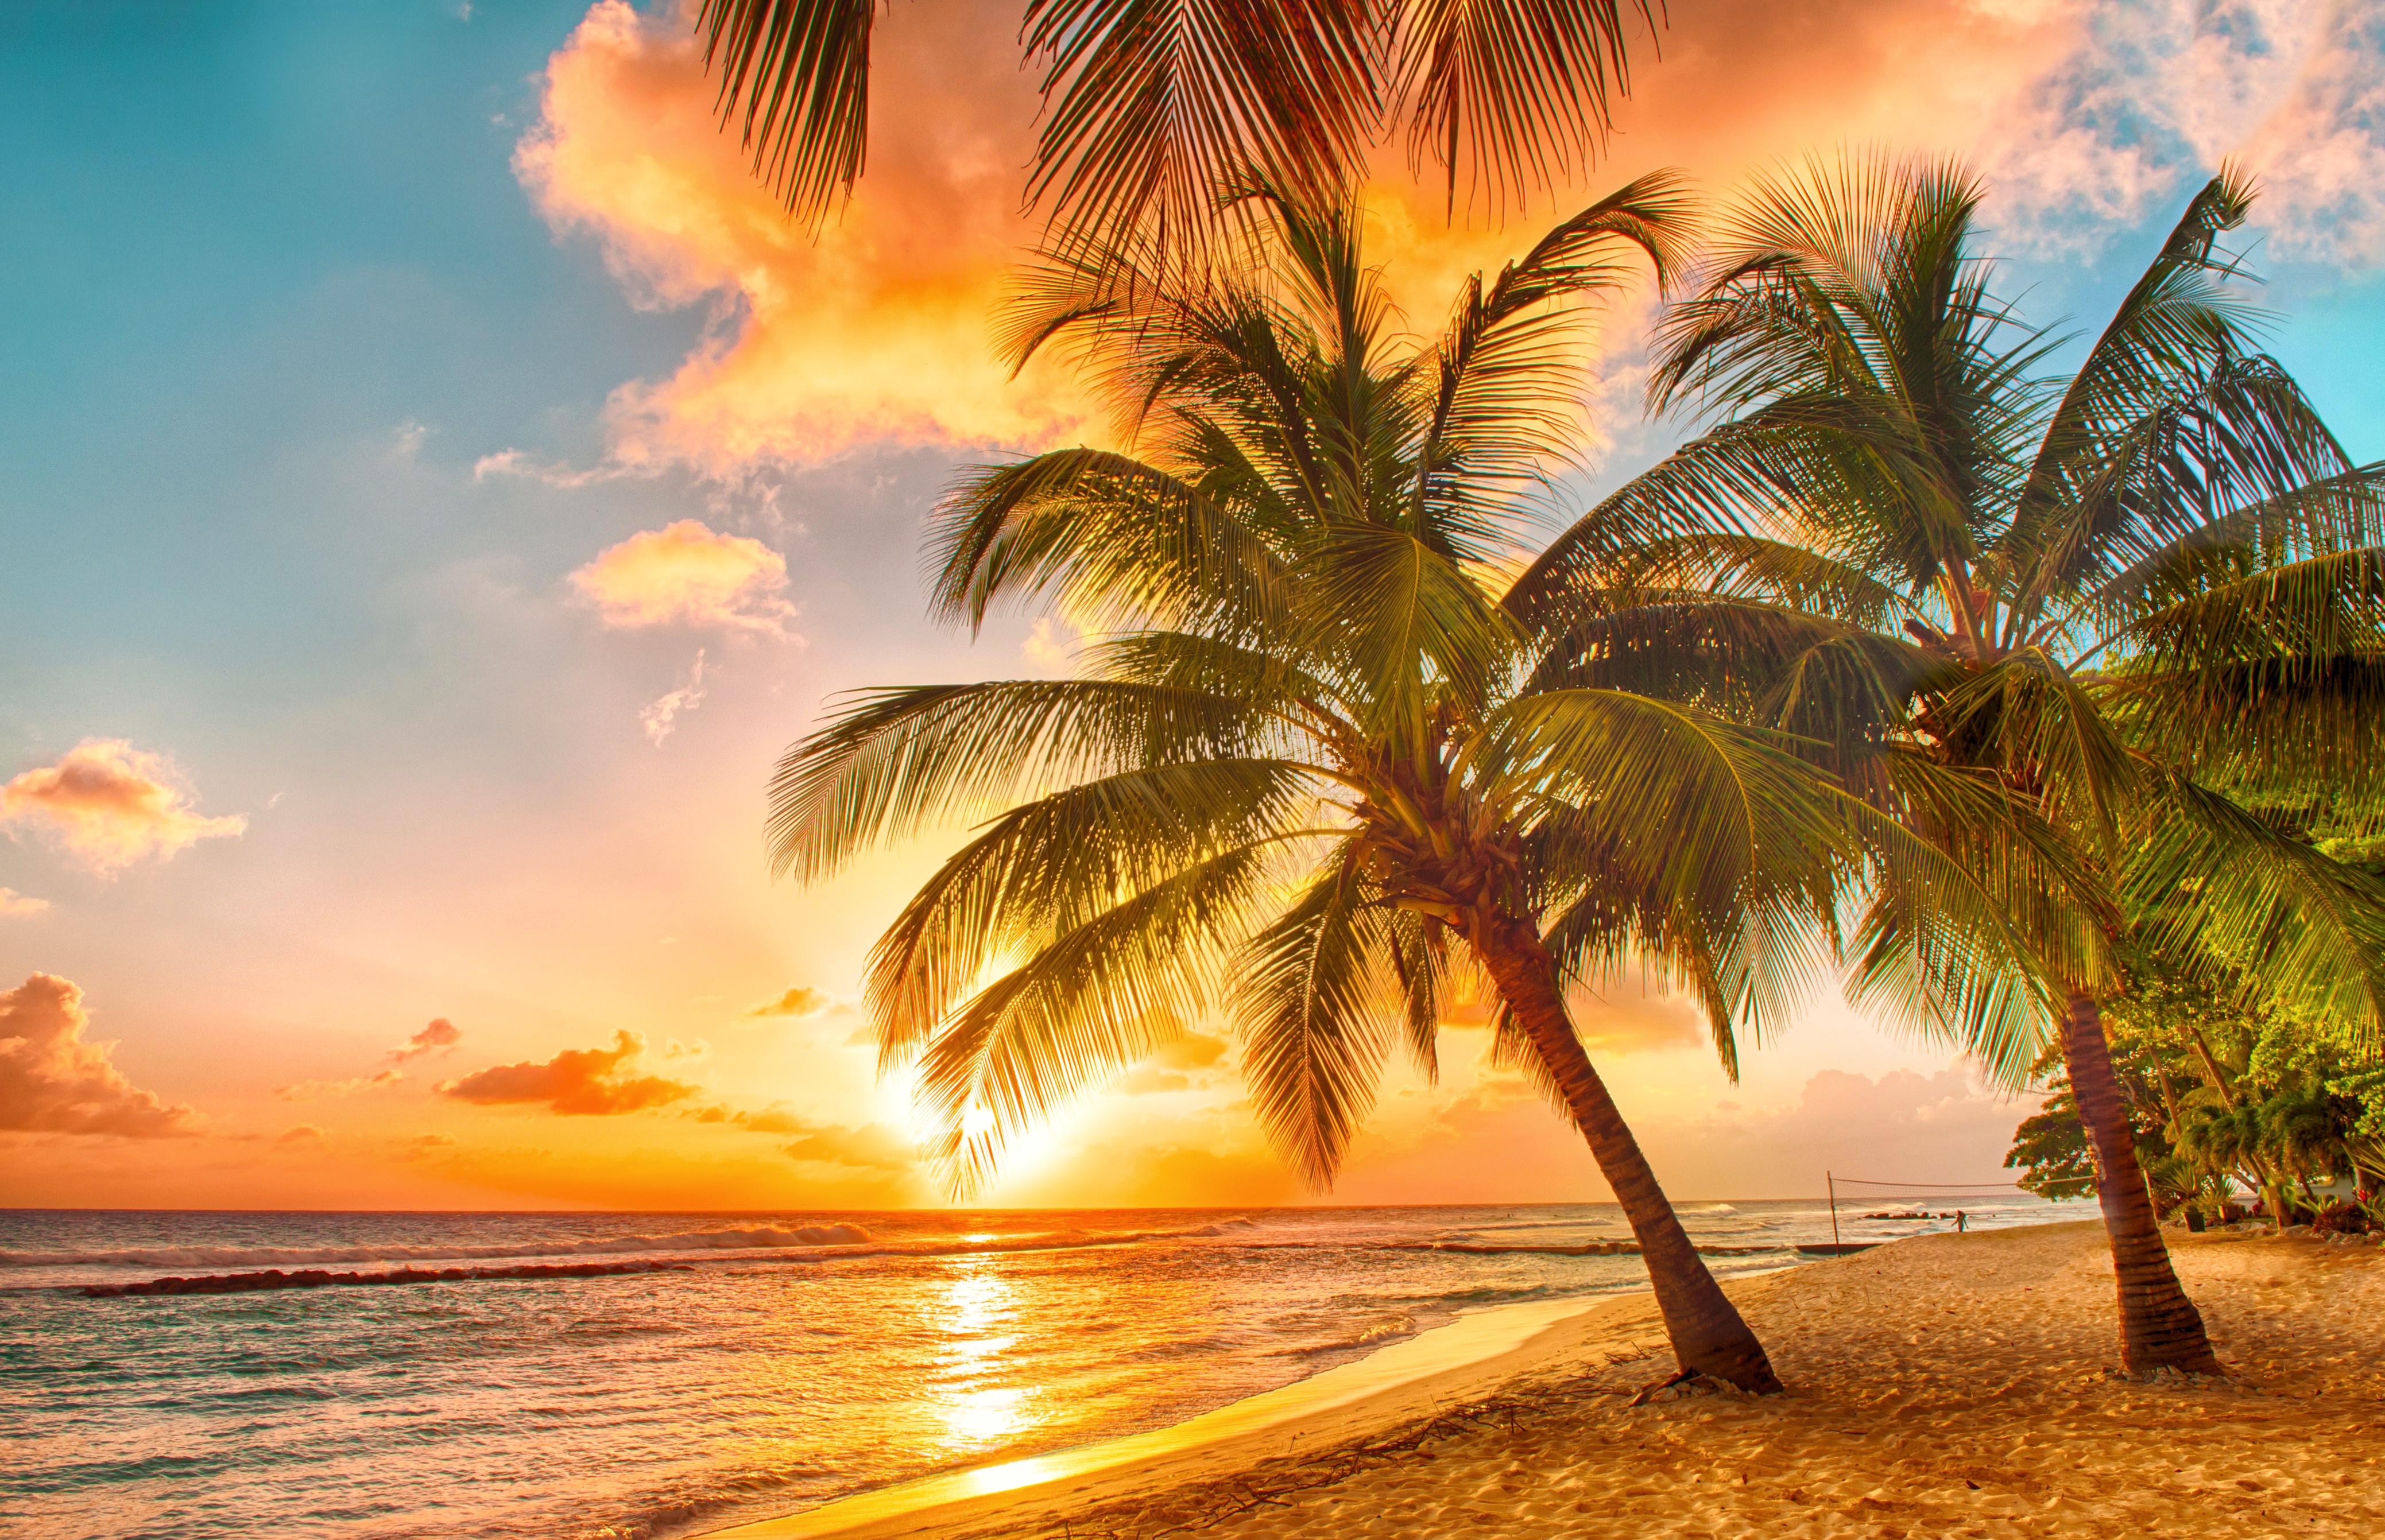 Картинки высокого разрешения море пляж